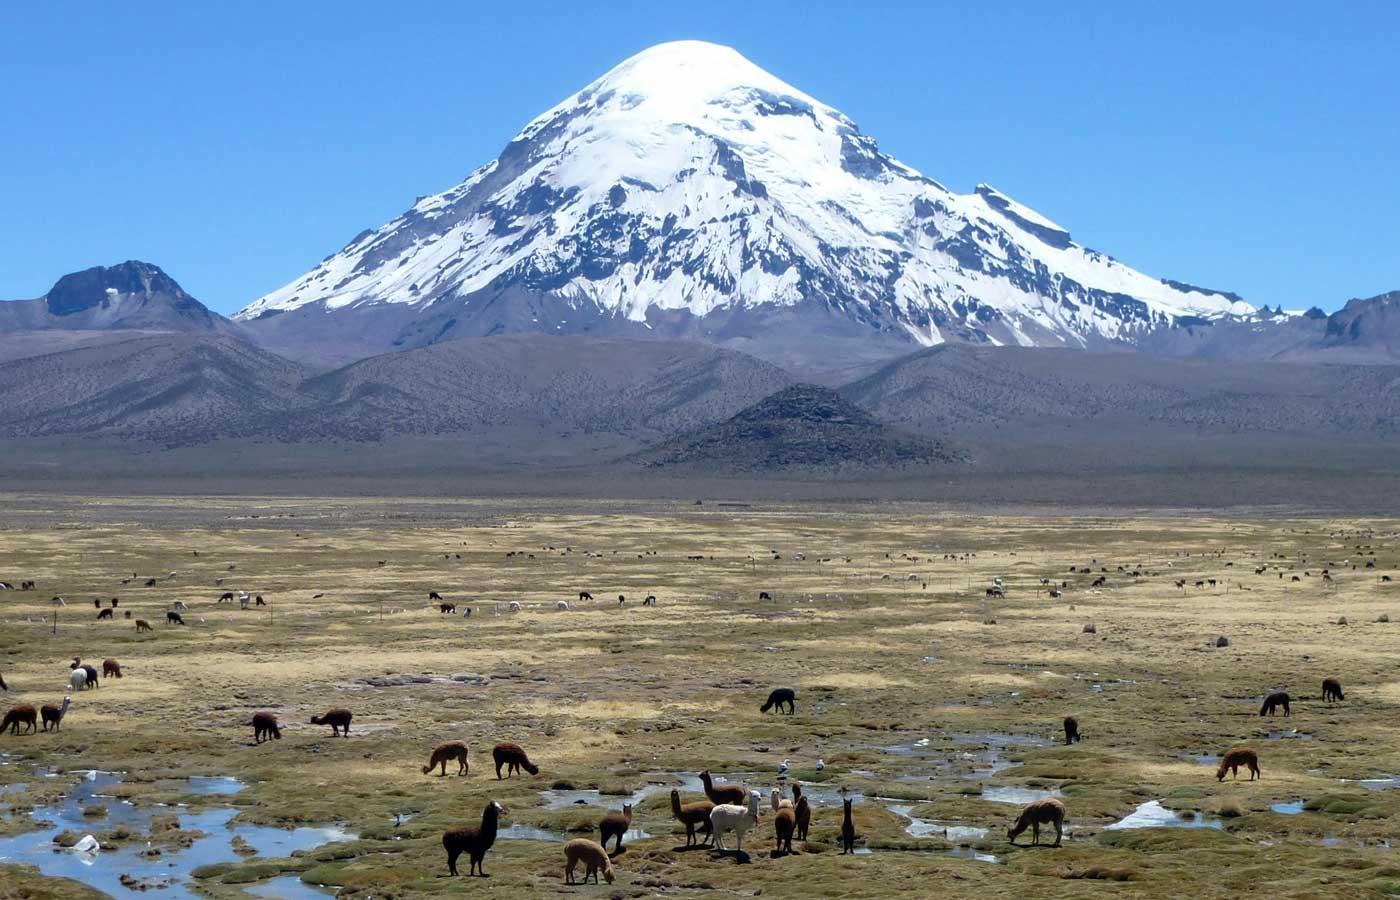 Sajama National Park, Bolivia